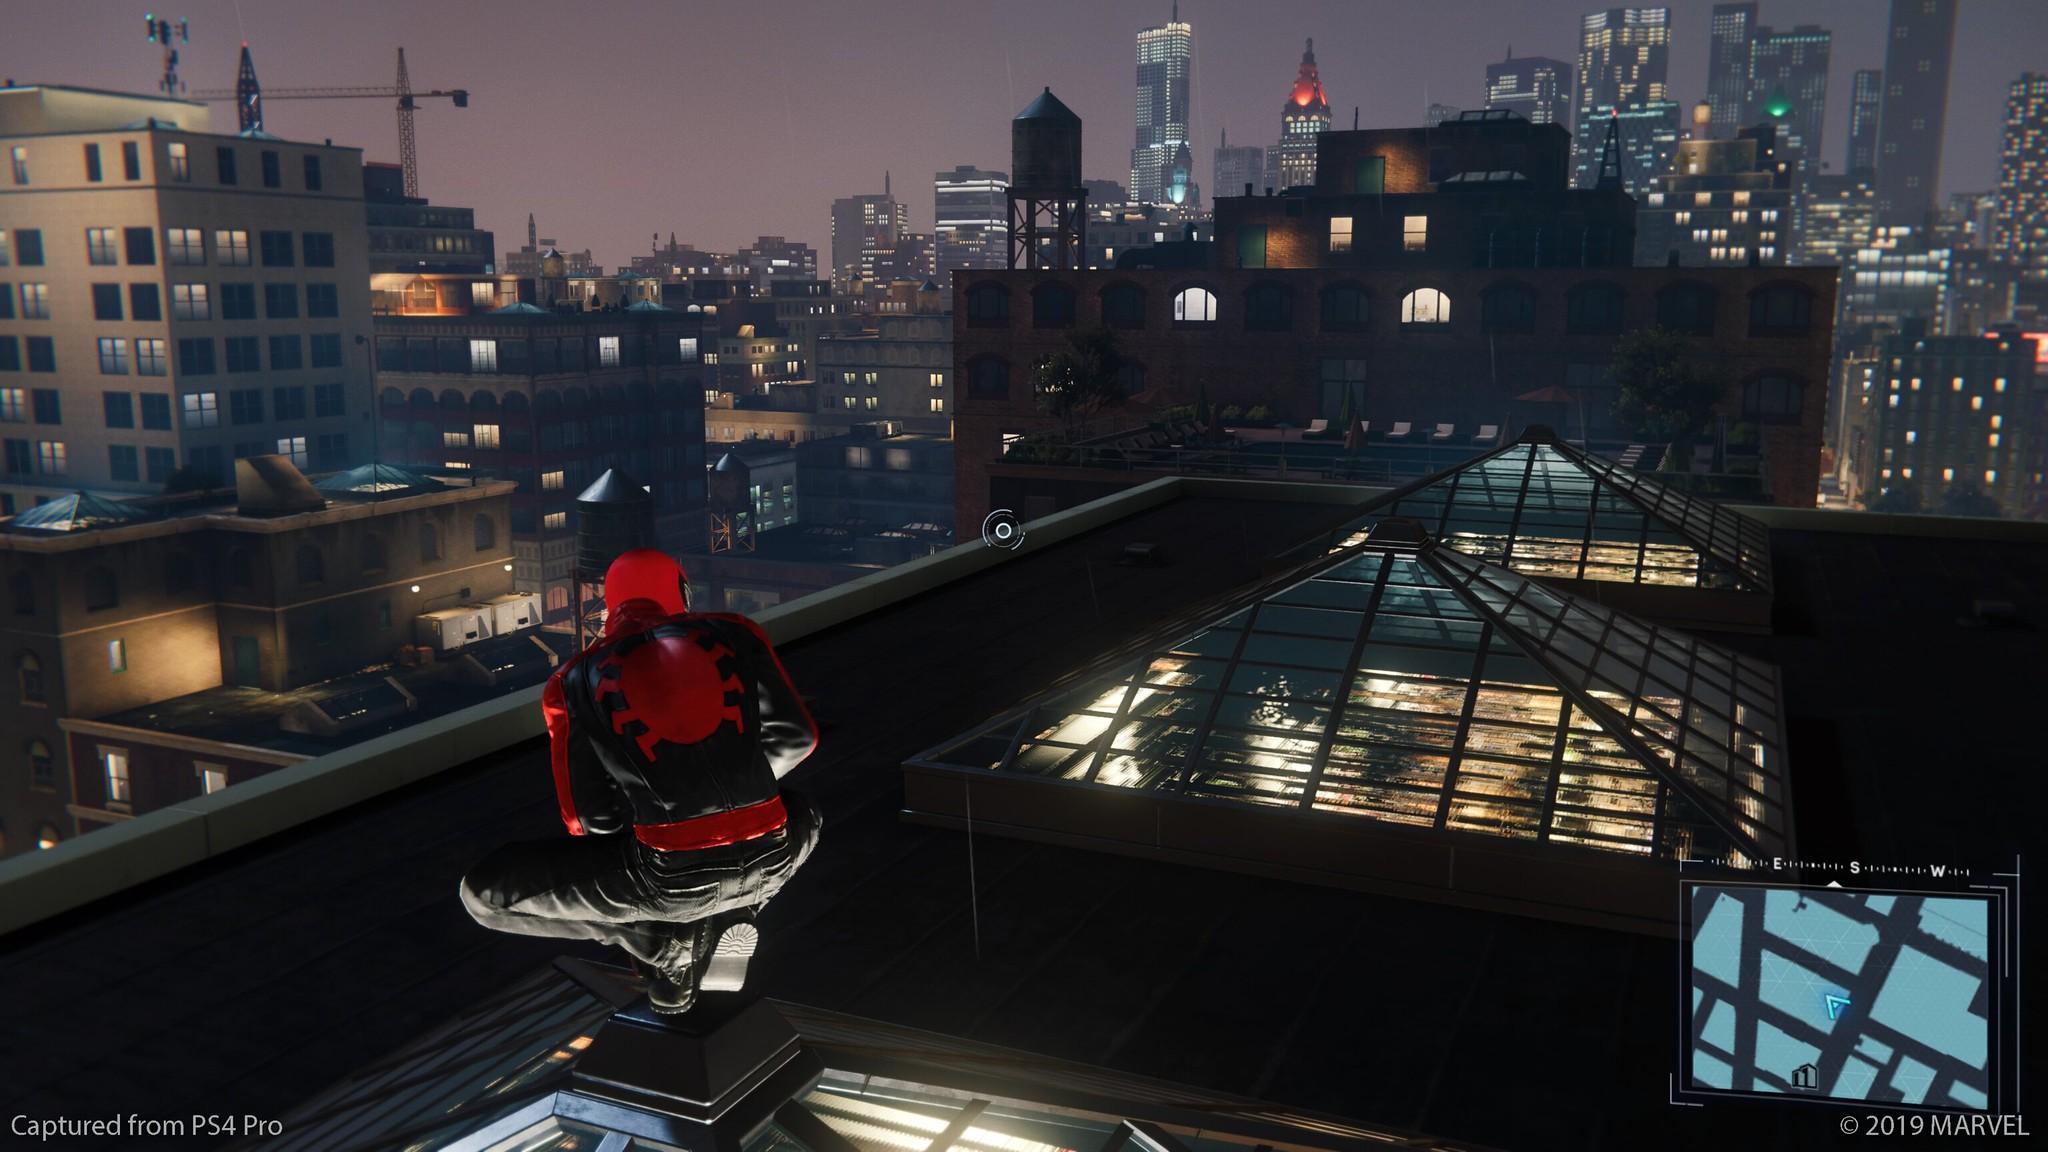 48602608511 6c0923c7e5 k - So macht ihr mehr Fotos von Spider-Man in Marvel's Spider-Man für PS4